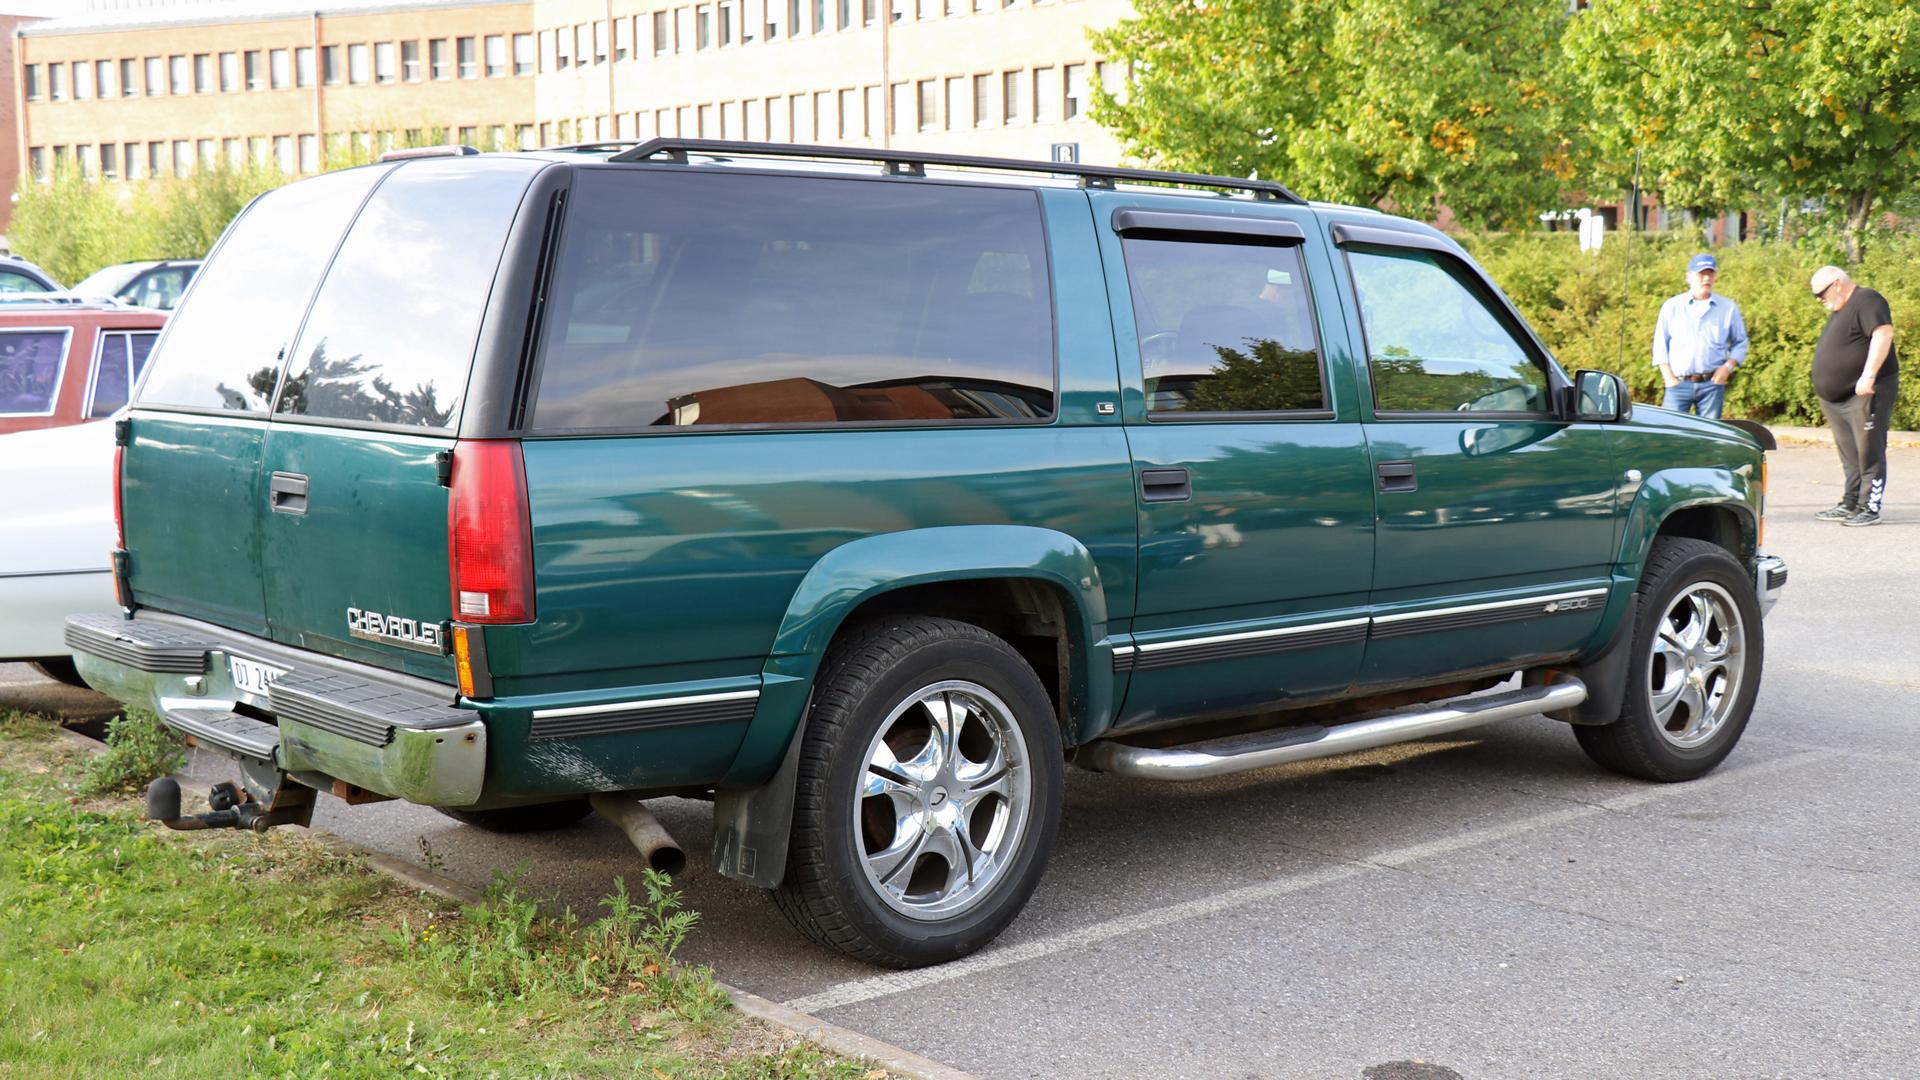 222-1997 Chevrolet Suburban 03. Eier- medlem 222 J